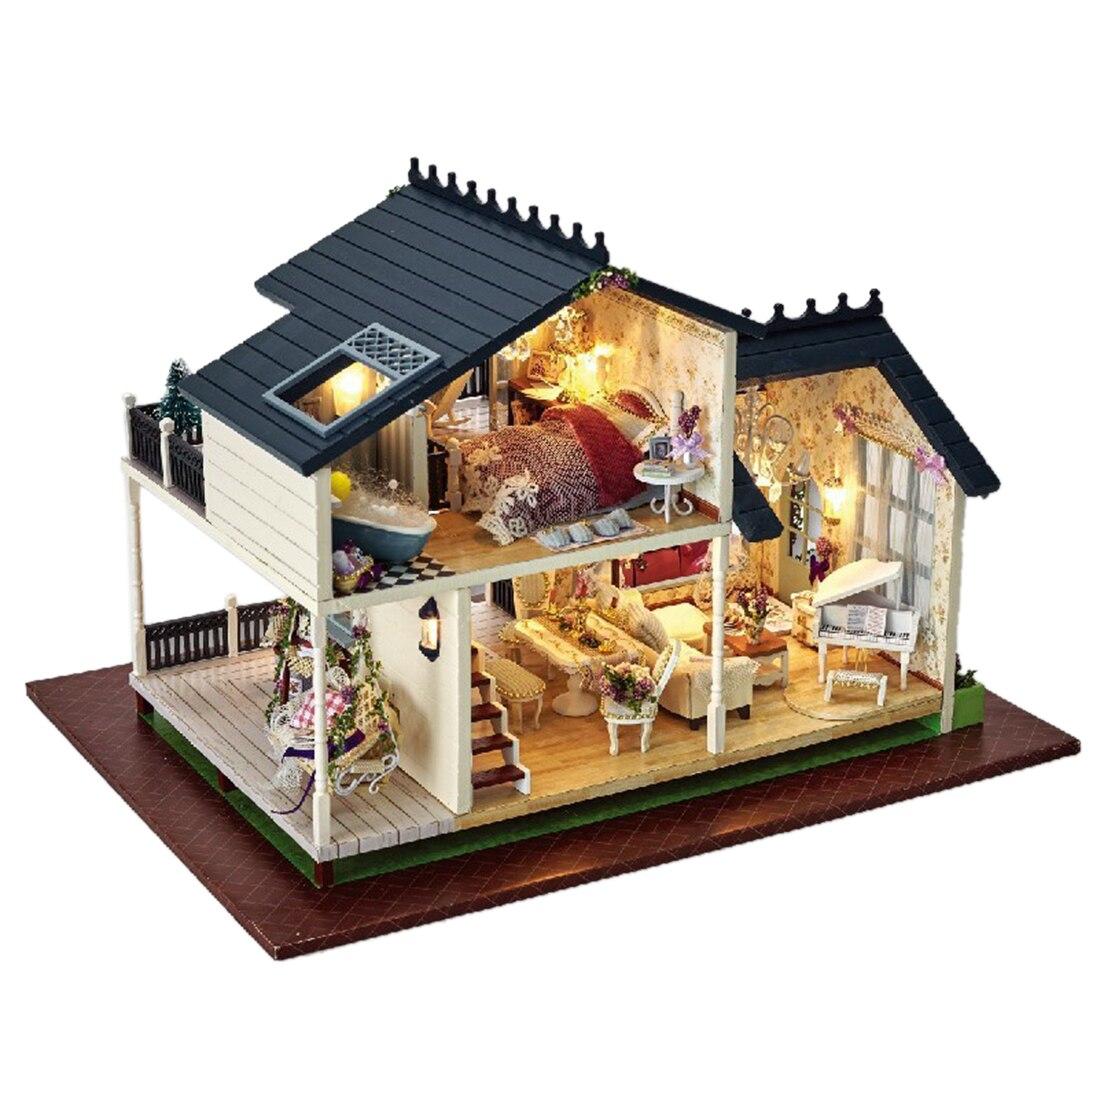 Bricolage cabine assemblé jouet modèle ensemble Villa en bois artisanat à la main assemblée maison modèle cadeau avec lumière modèle construction jouets